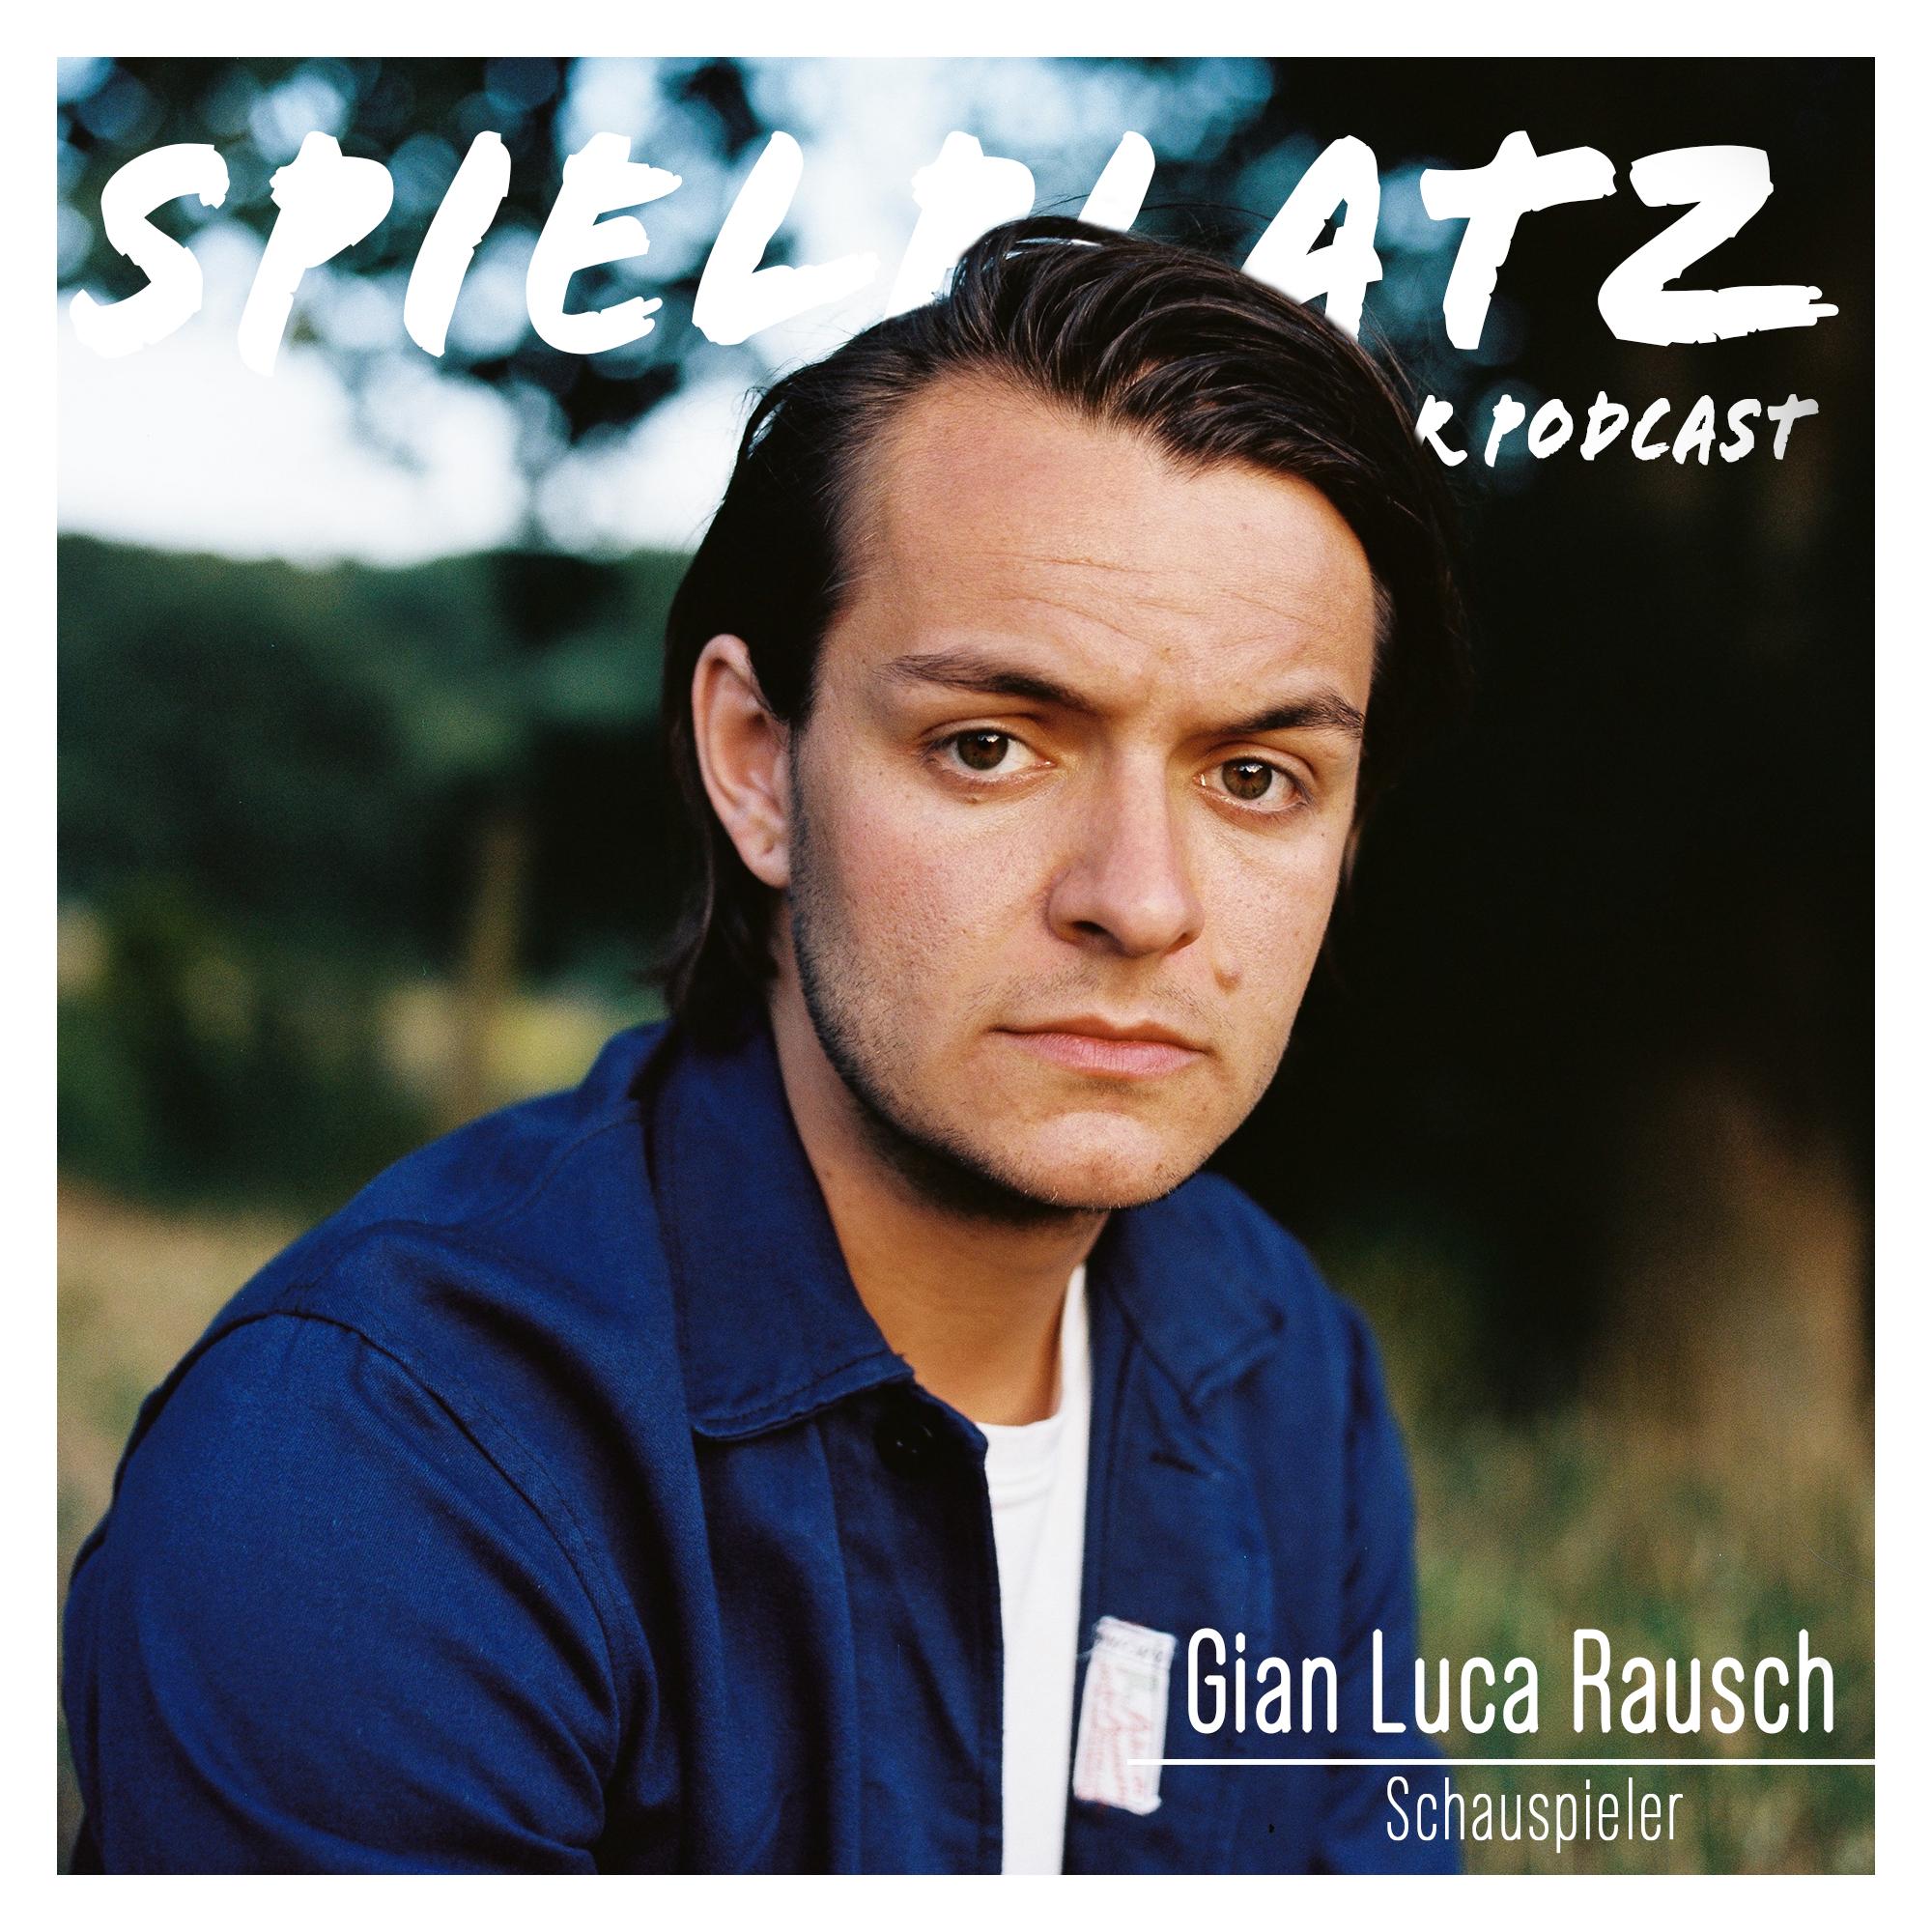 Gian Luca Rausch - Schauspieler